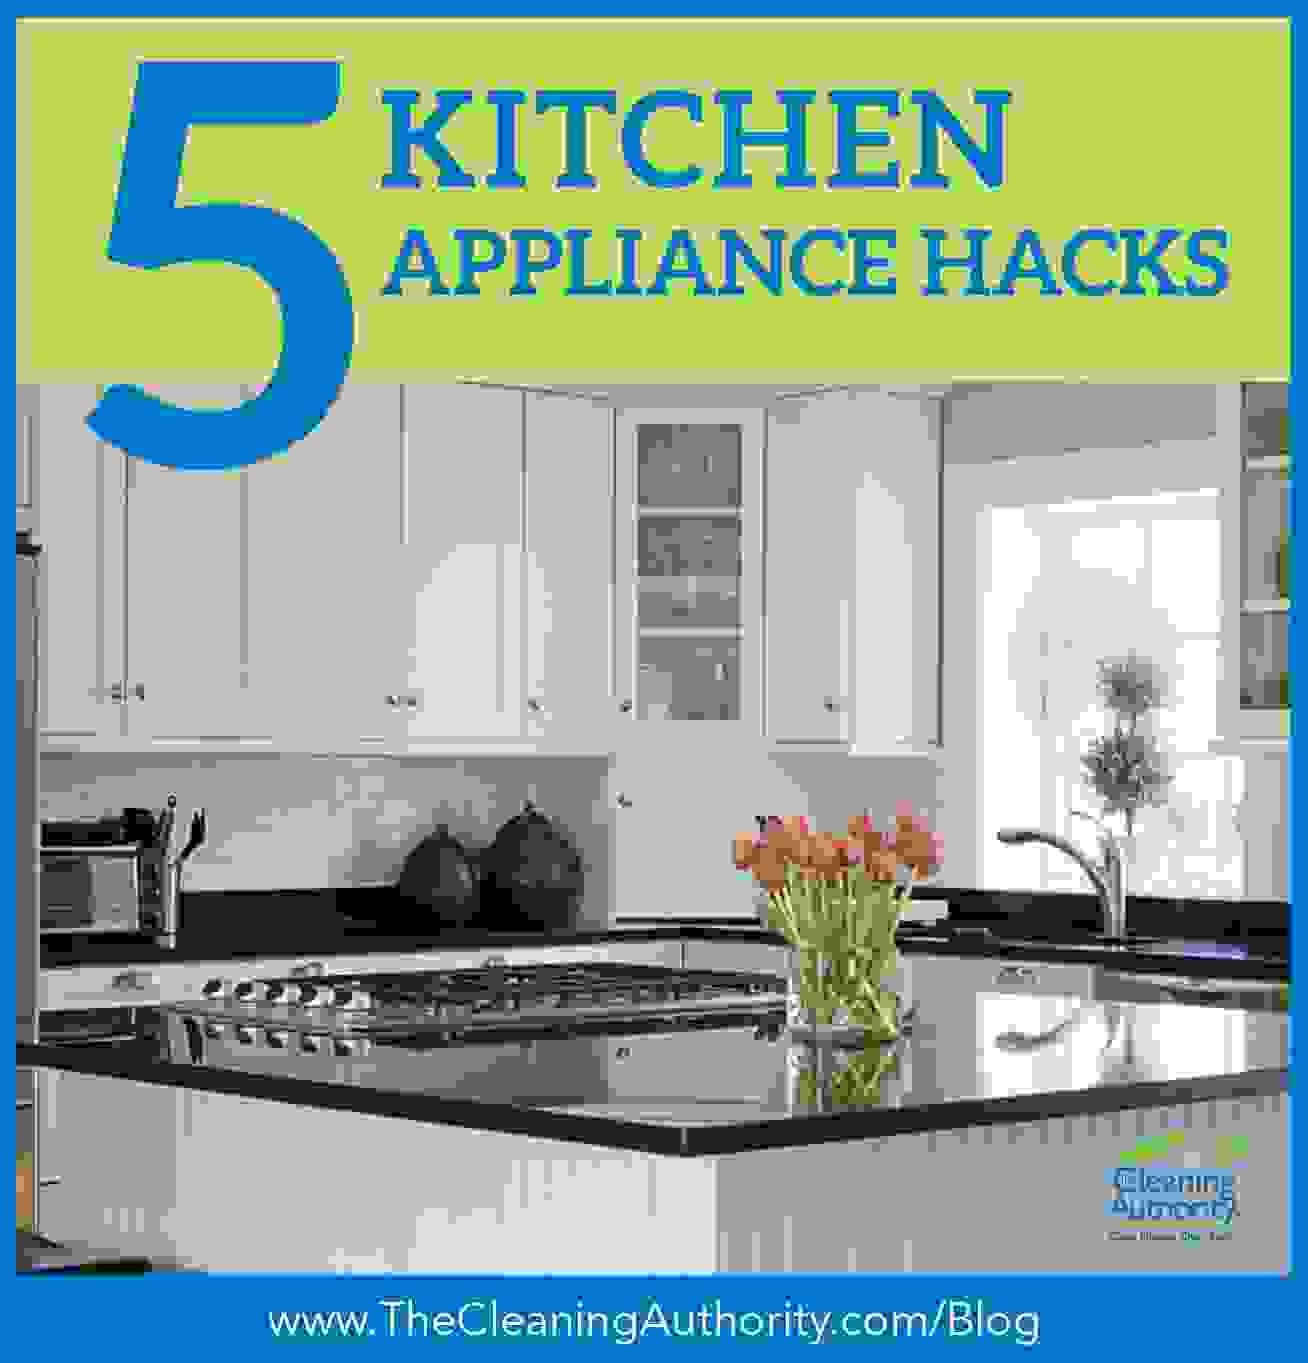 Kitchen Appliance Hacks